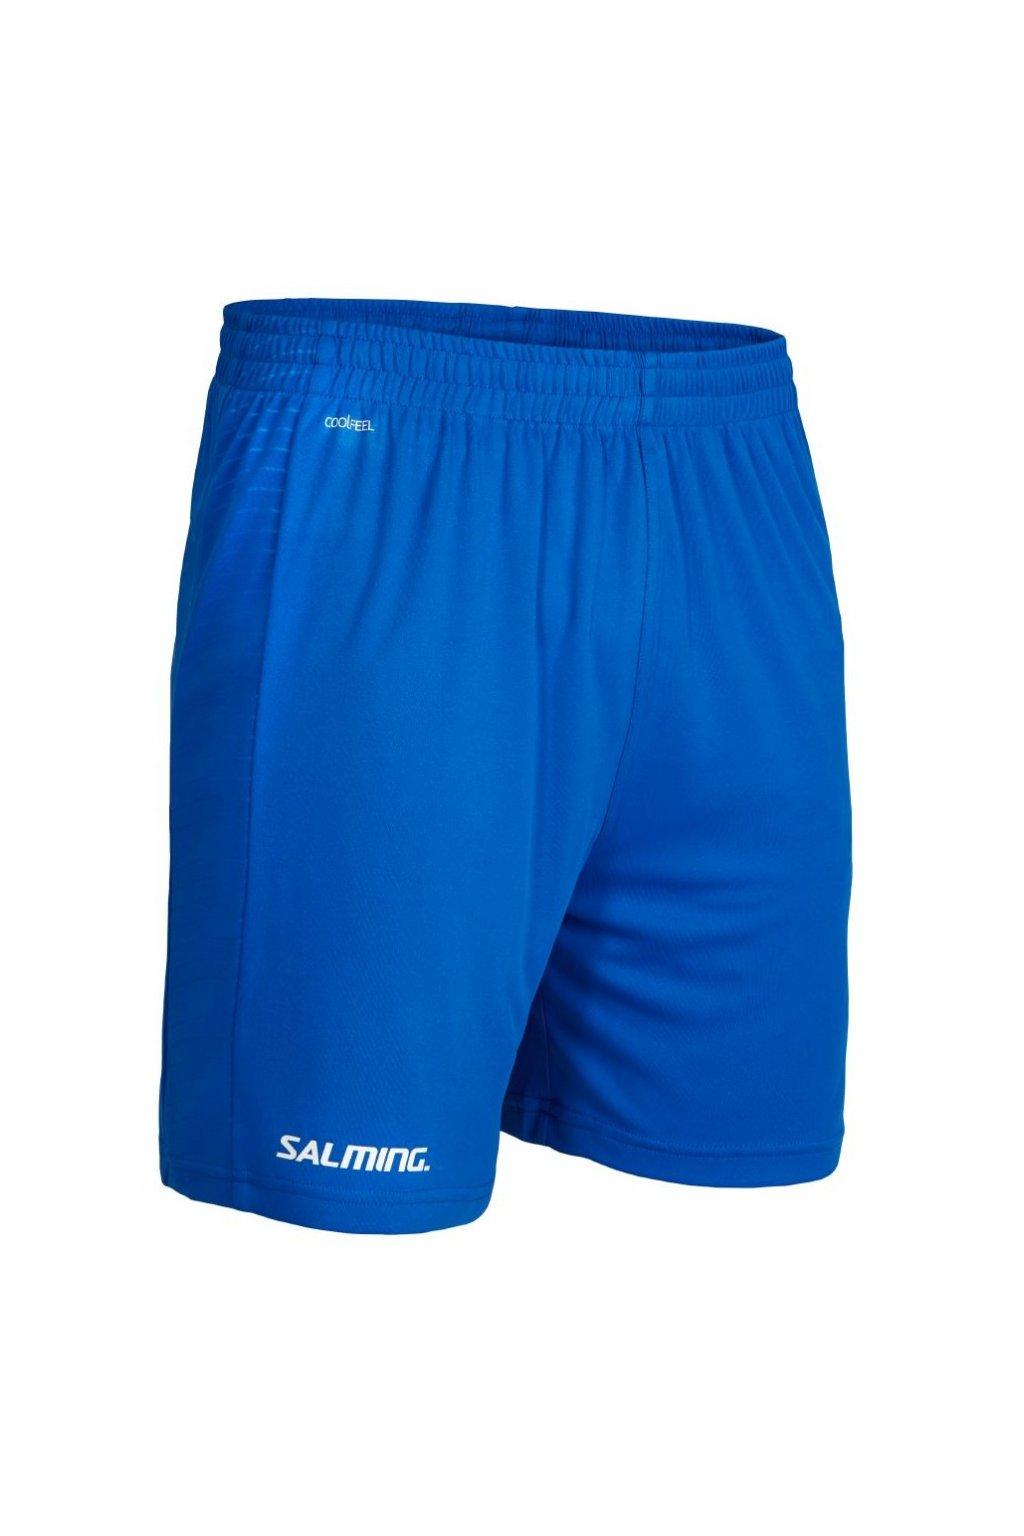 salming granite game shorts men